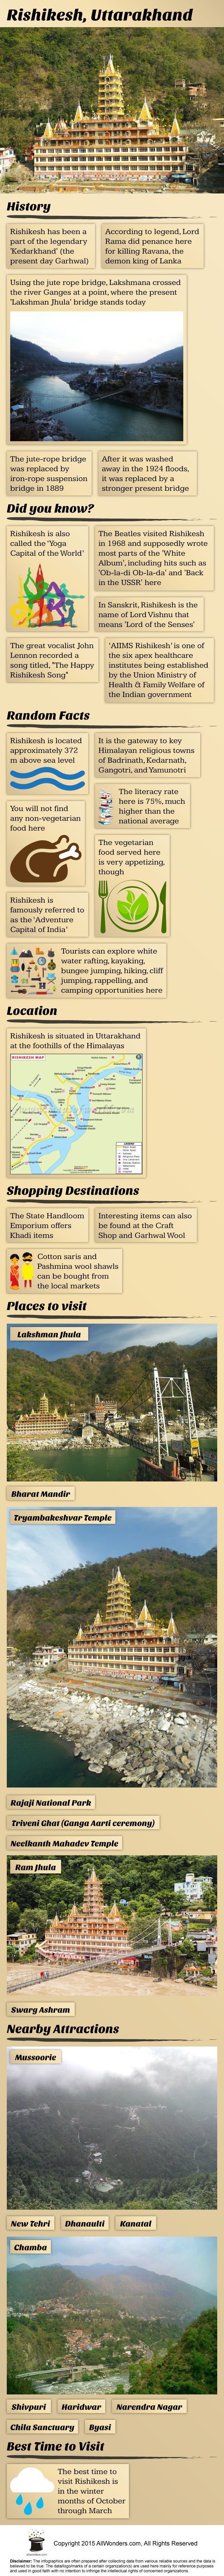 Rishikesh Infographic